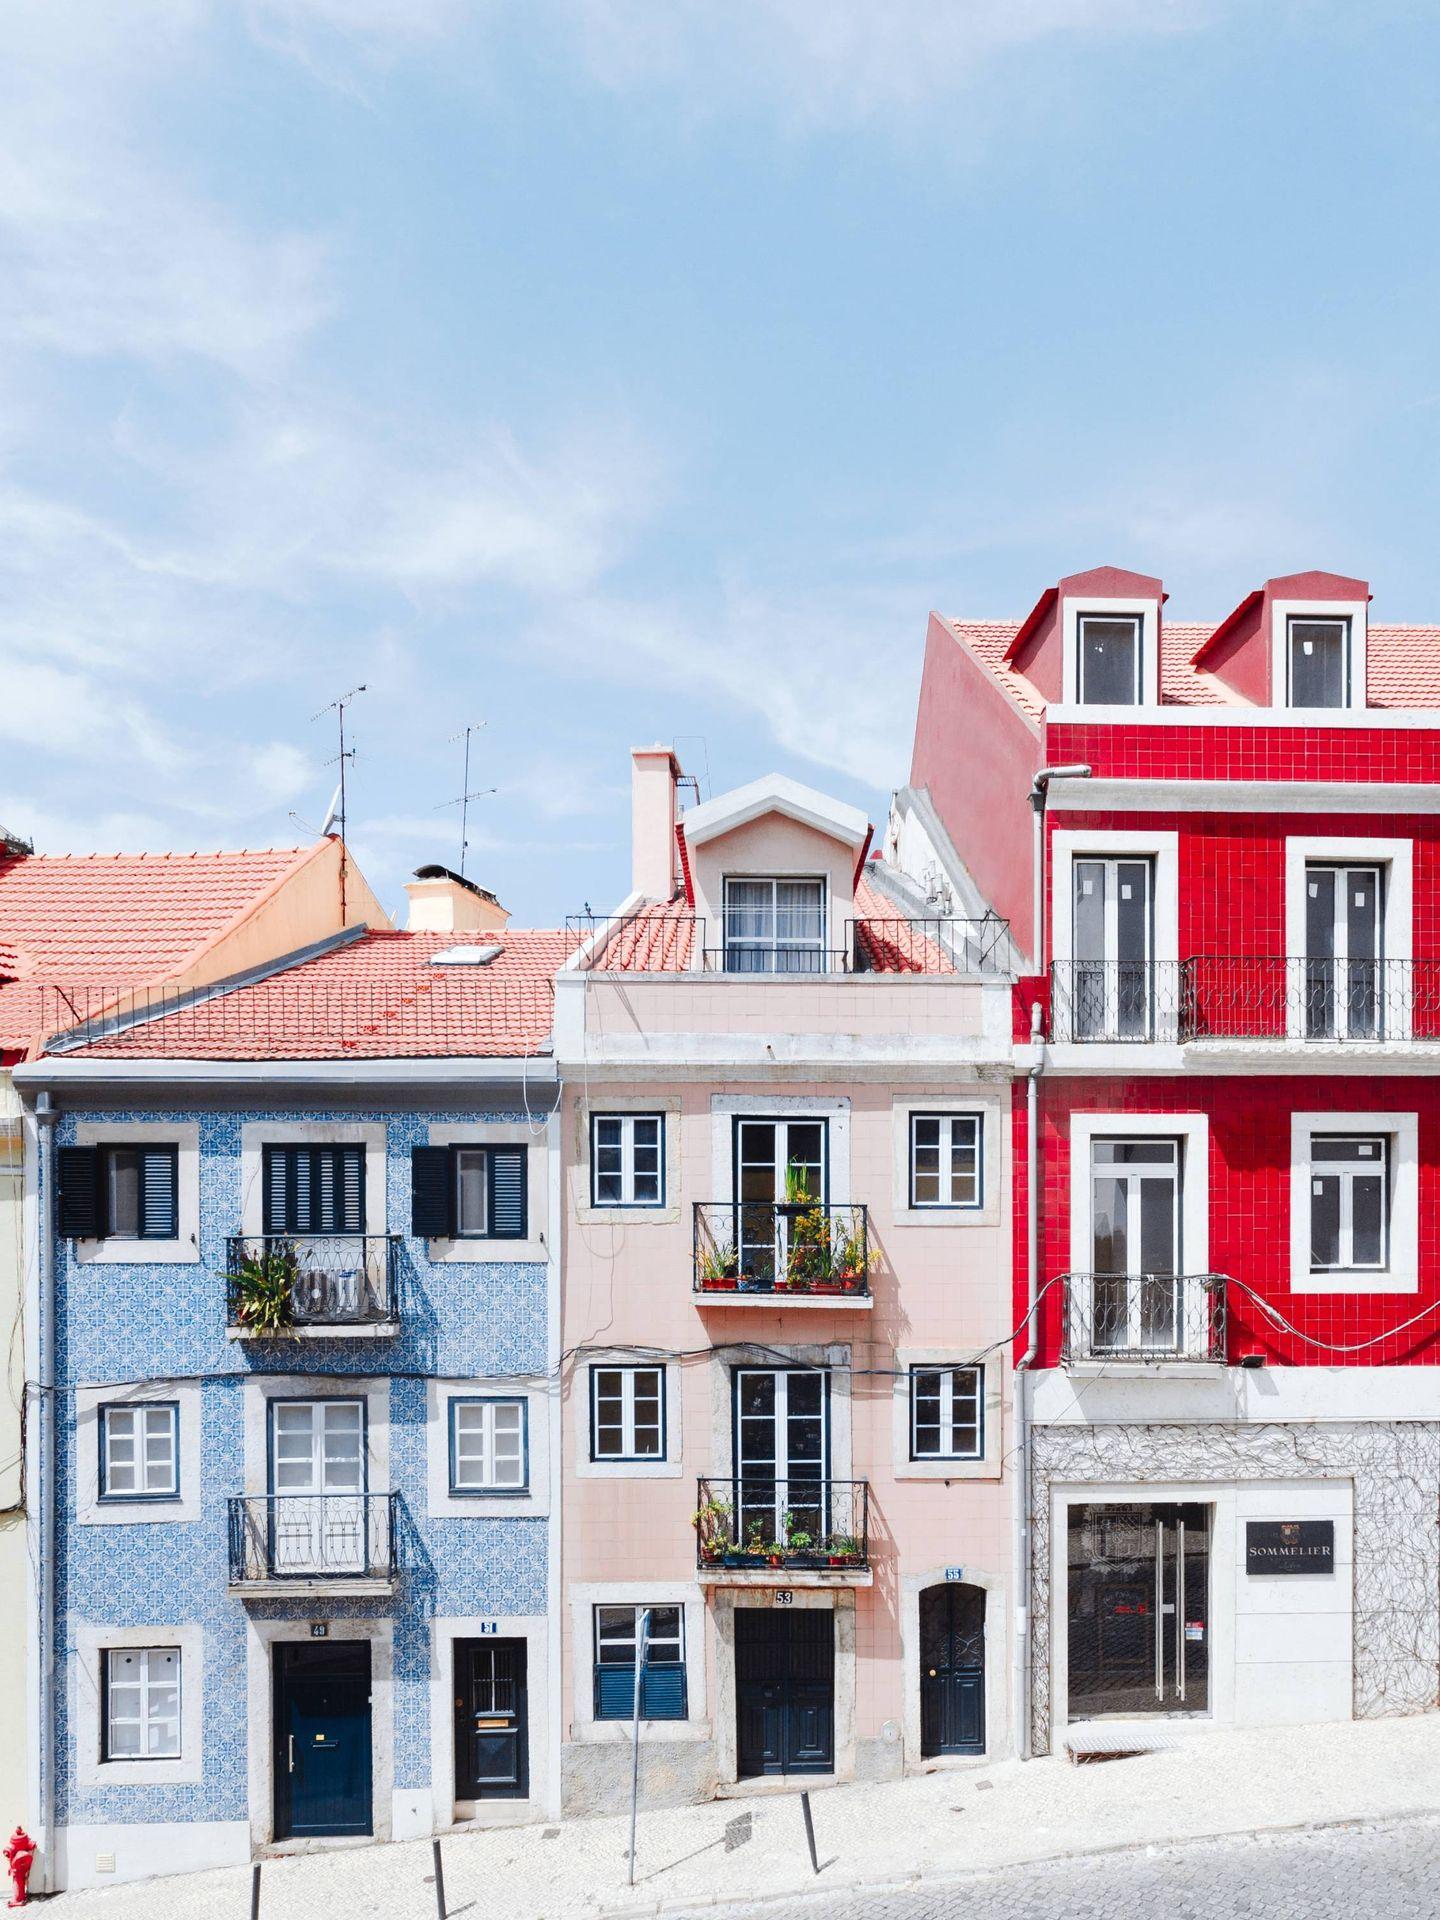 Casas de colores y fachadas con azulejos, así son los edificios de la capital portuguesa. (Unsplash)